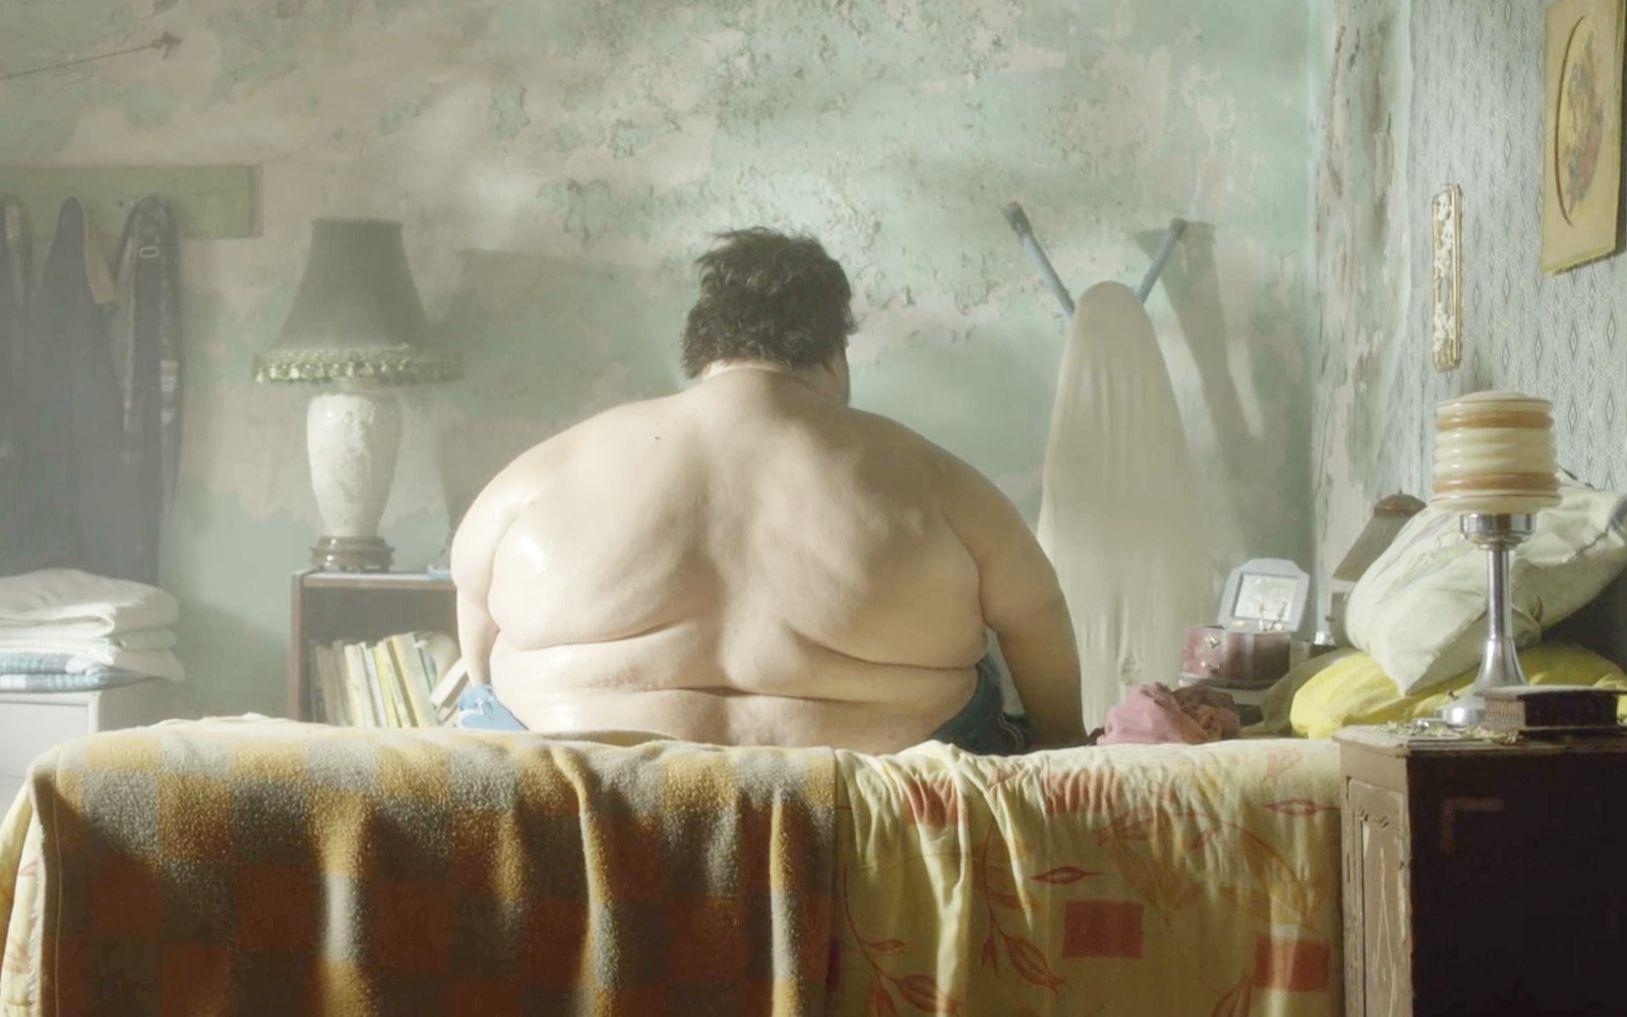 一个400多斤的胖子,出门要用卡车运,却要冒死出门圆梦!